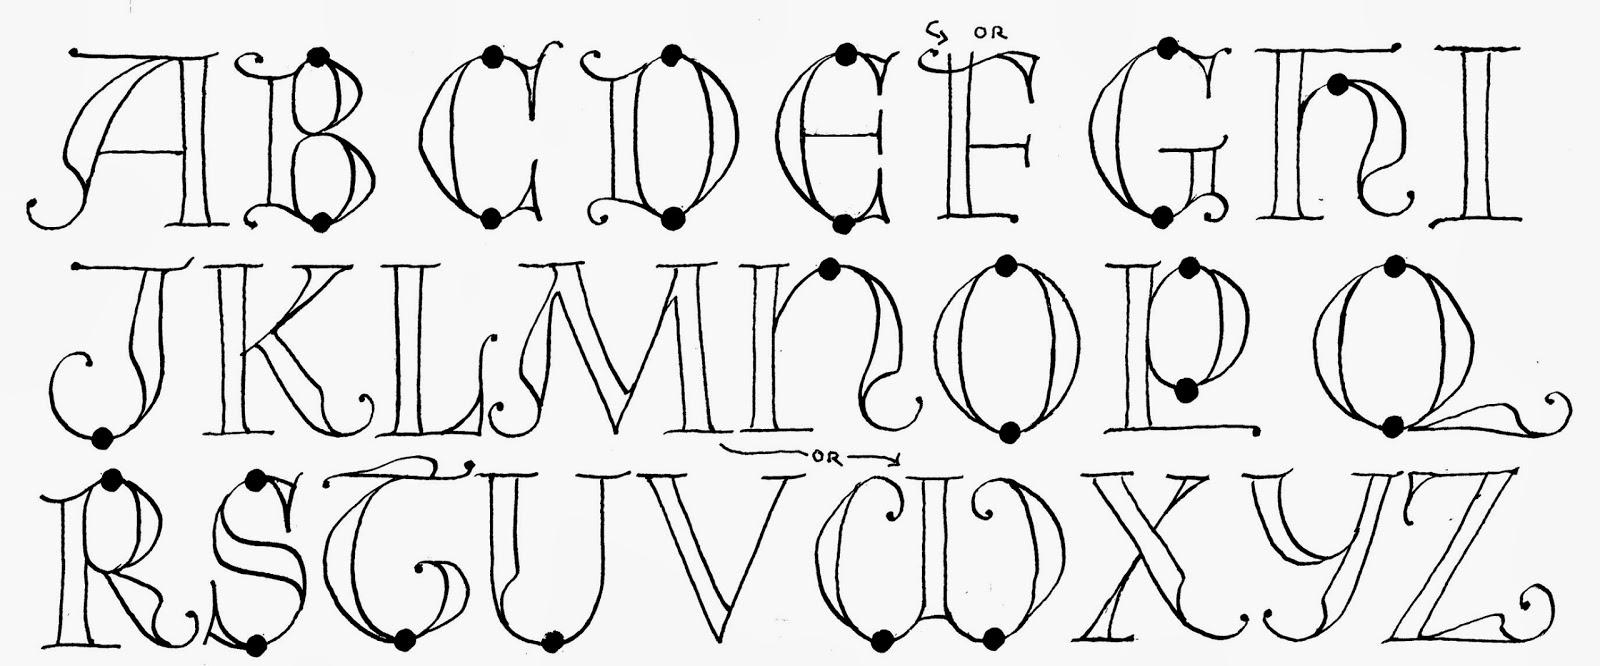 Margaret Shepherd: Calligraphy Blog: November 2013